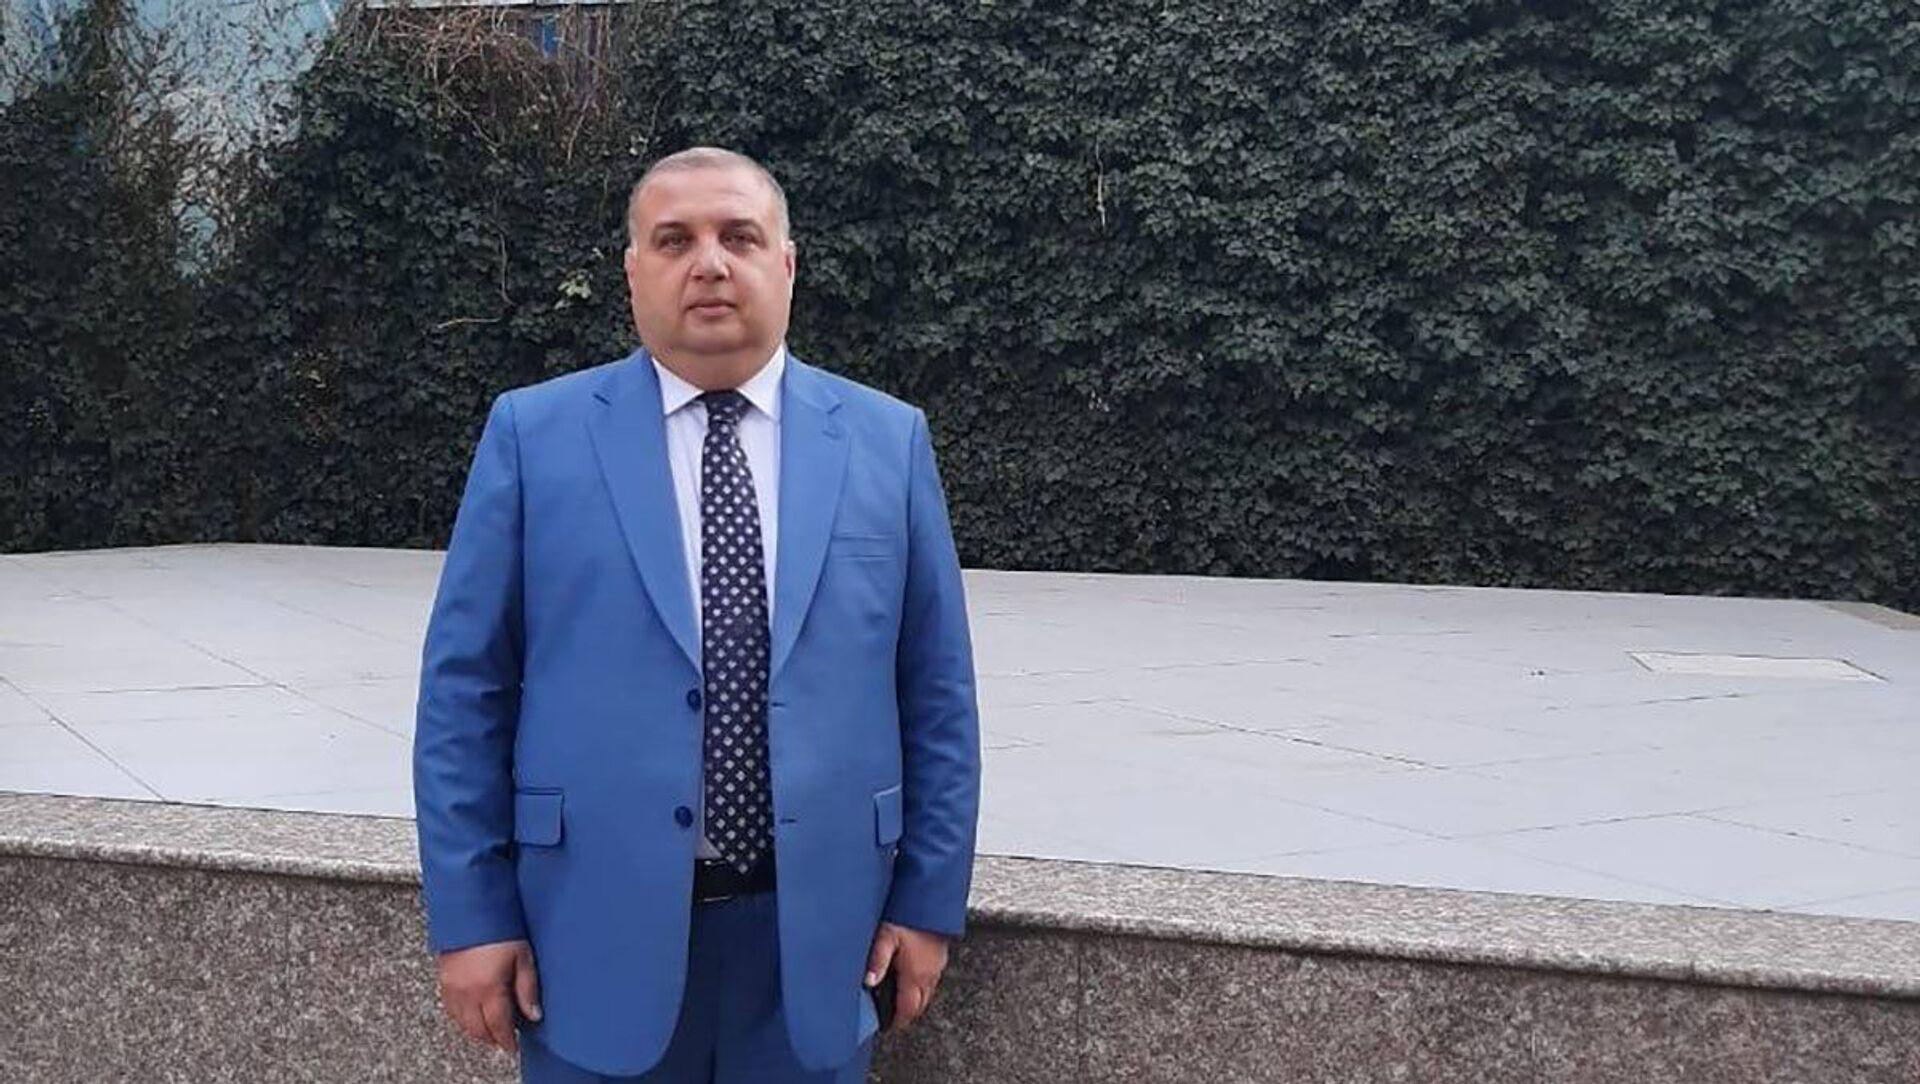 İqtisadi və Sosial Araşdırmalara Yardım İctimai Birliyinin (İSAY İB) sədri Eyyub Kərimli  - Sputnik Азербайджан, 1920, 17.09.2021